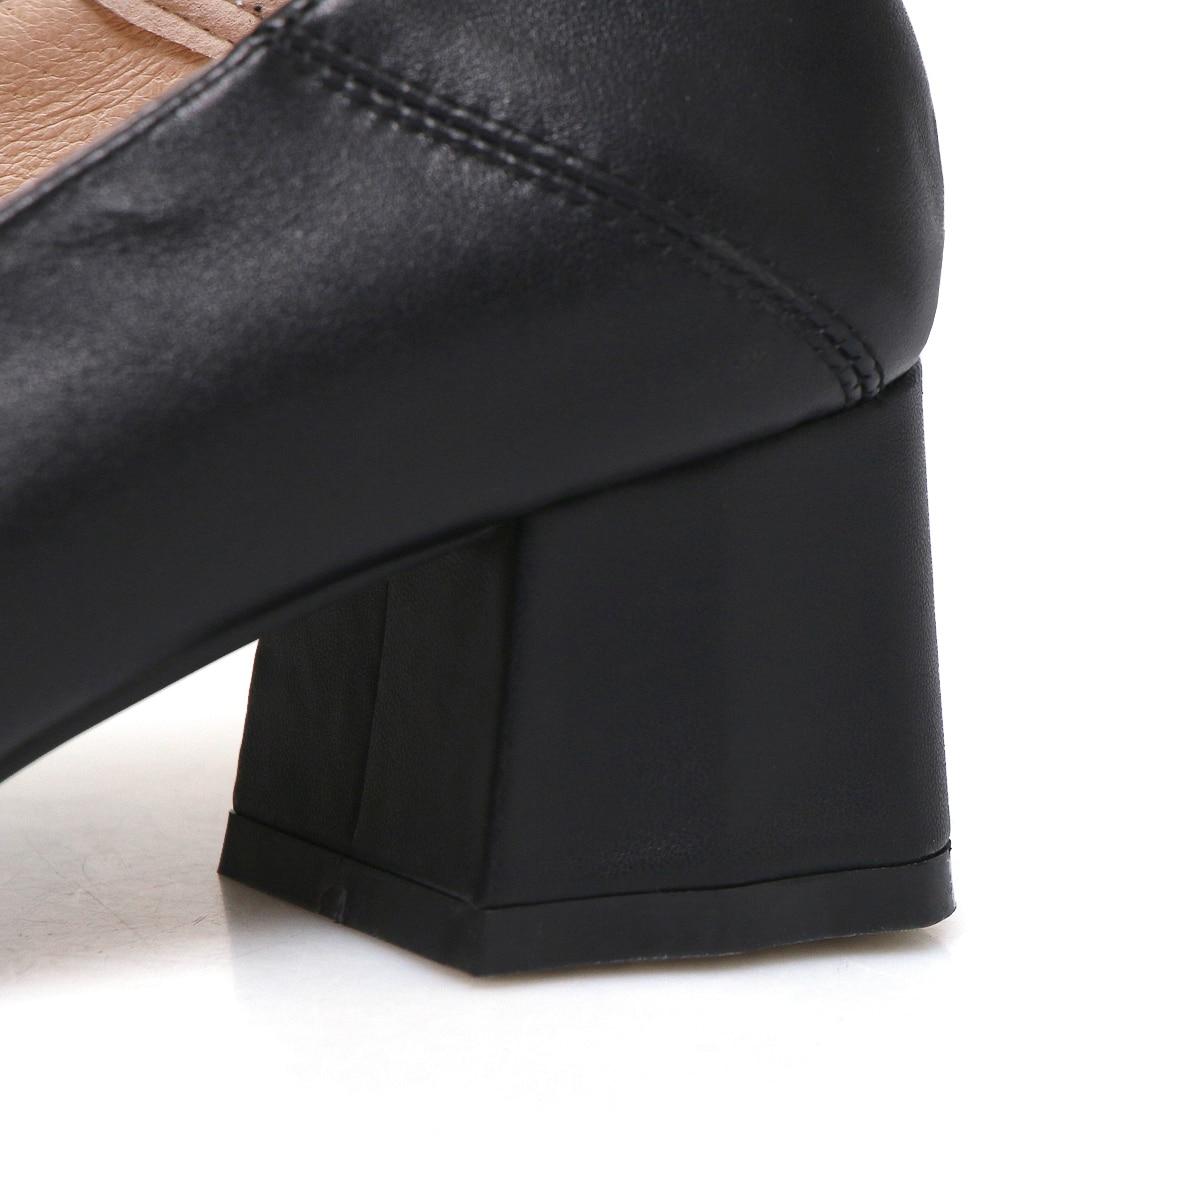 Carré Cuir Vache Dame Apricot Talon blanc Chaussures Pompes Orteil Bouton Métal 2019 noir Femmes En De Bande Rxwznp